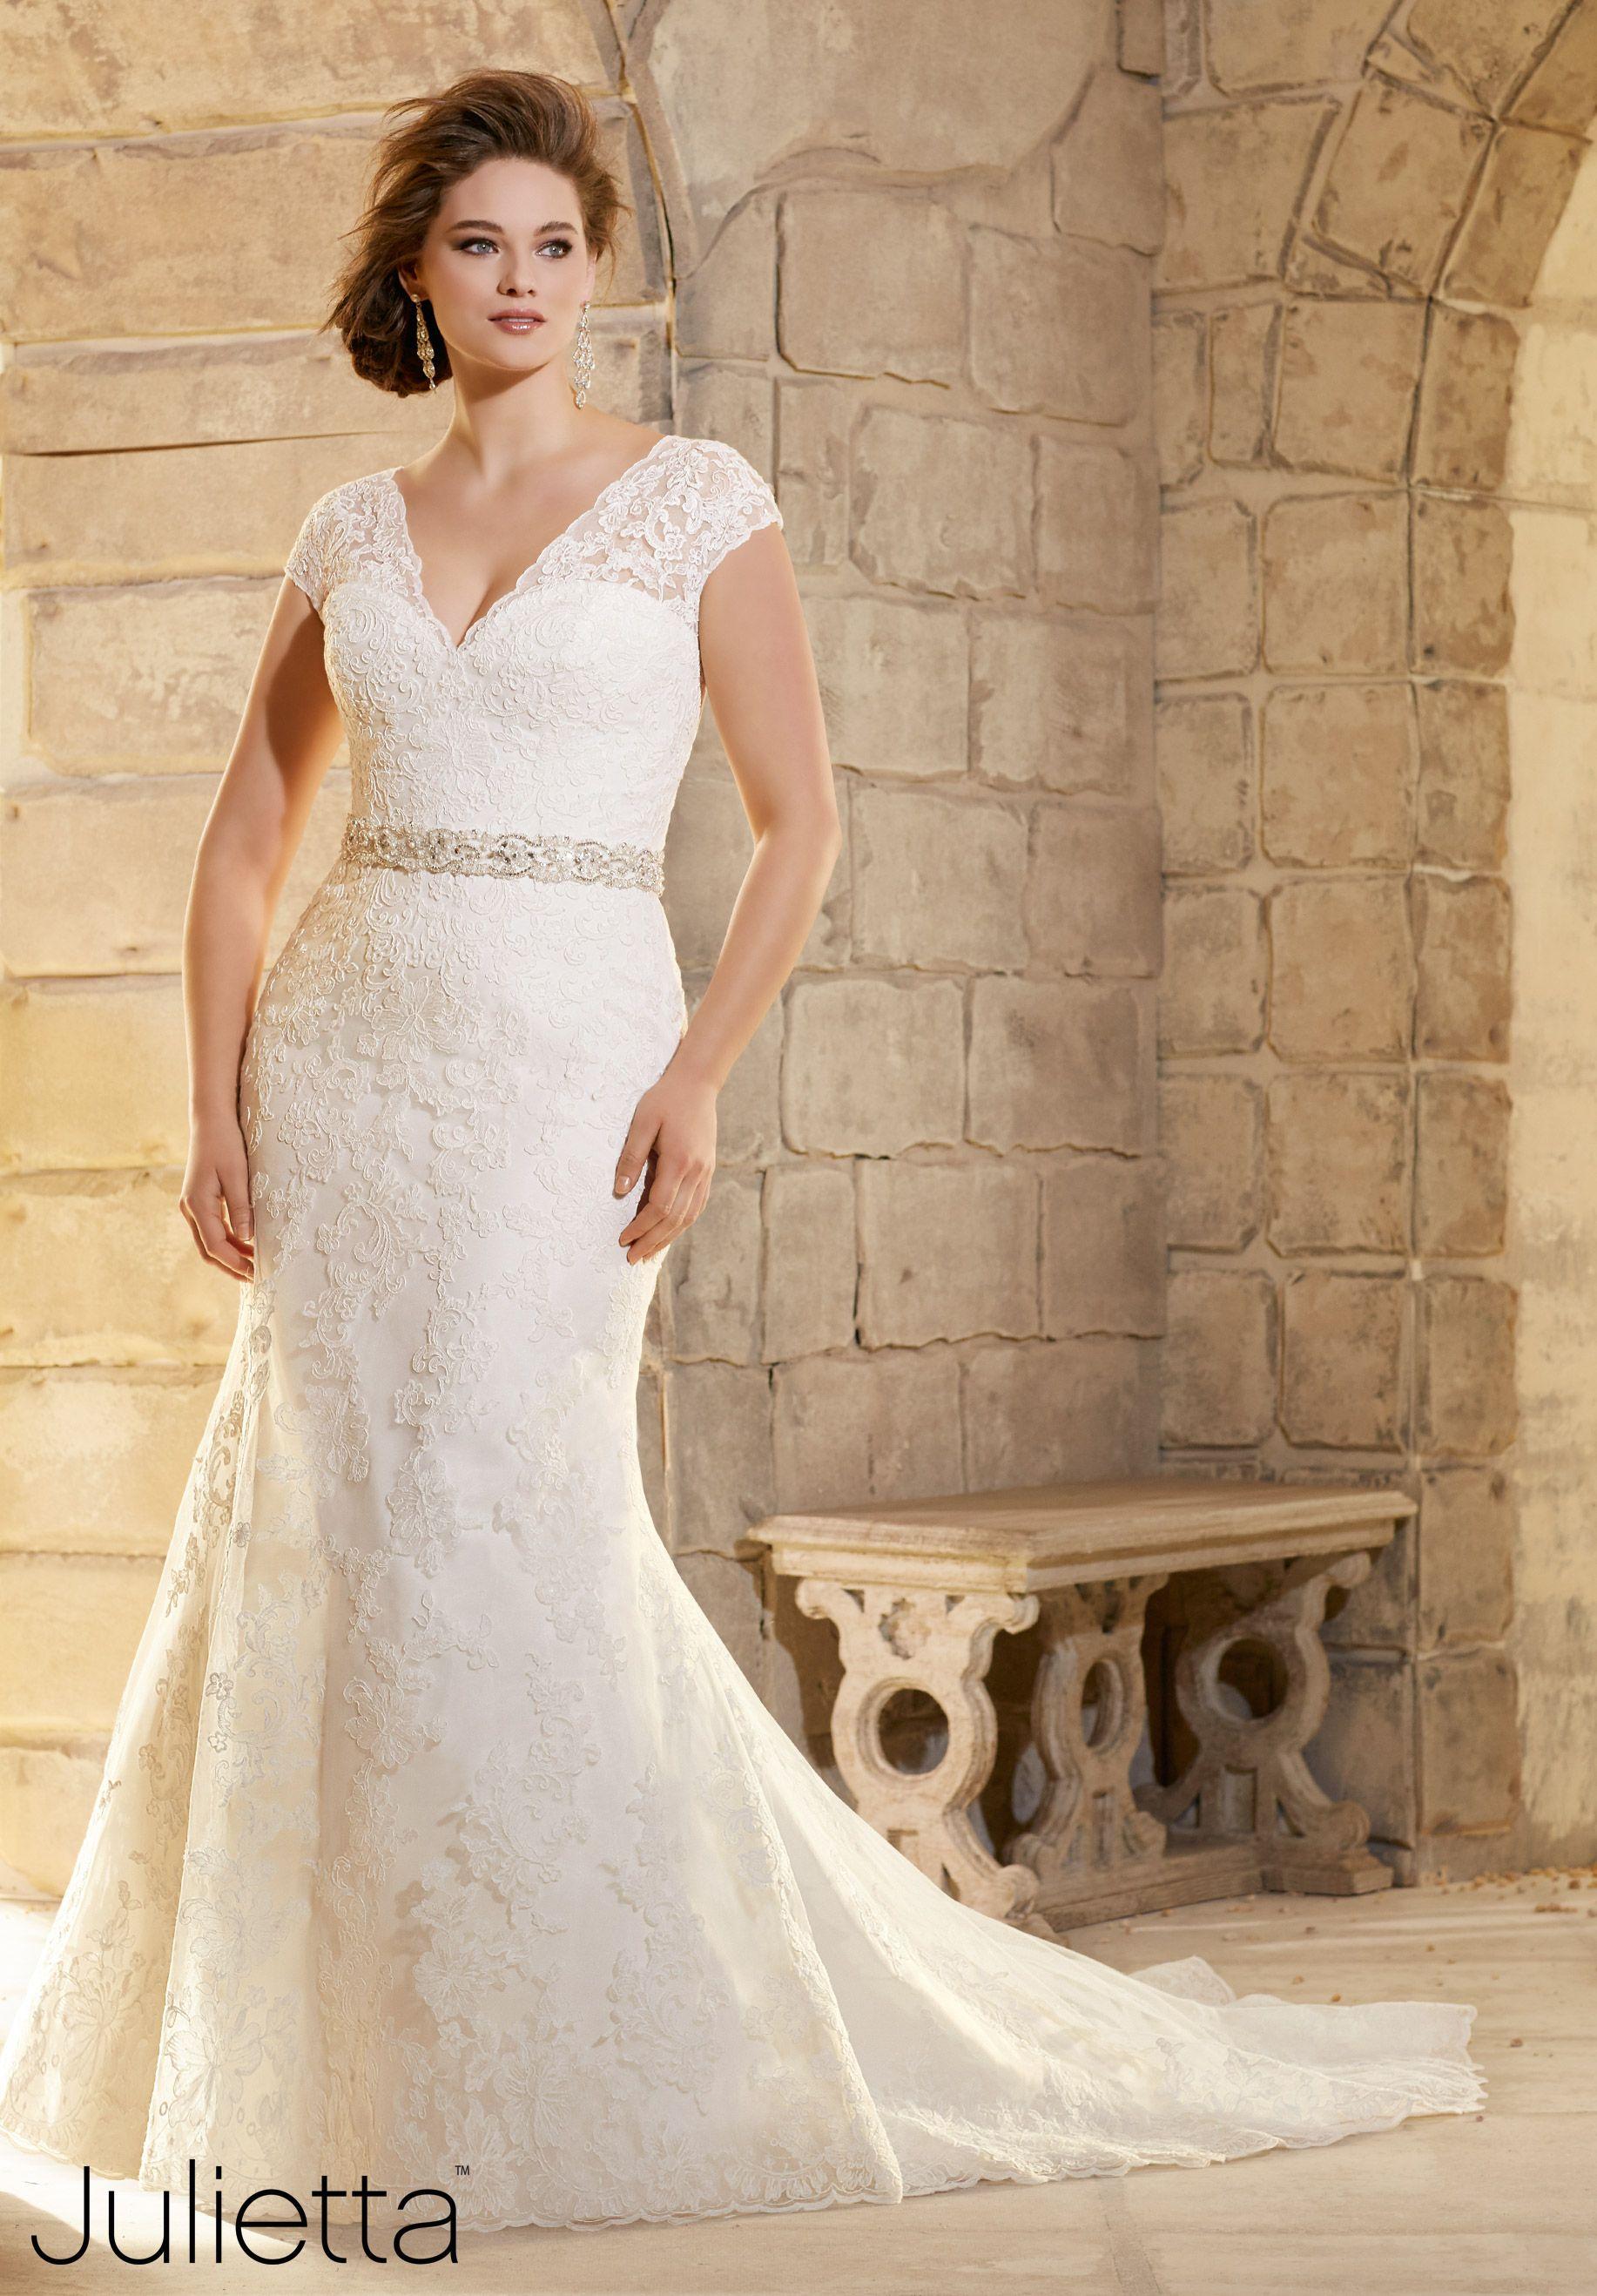 Wedding dresses for big women  Robes de mariée pour femmes rondes  mettez en valeur vos courbes